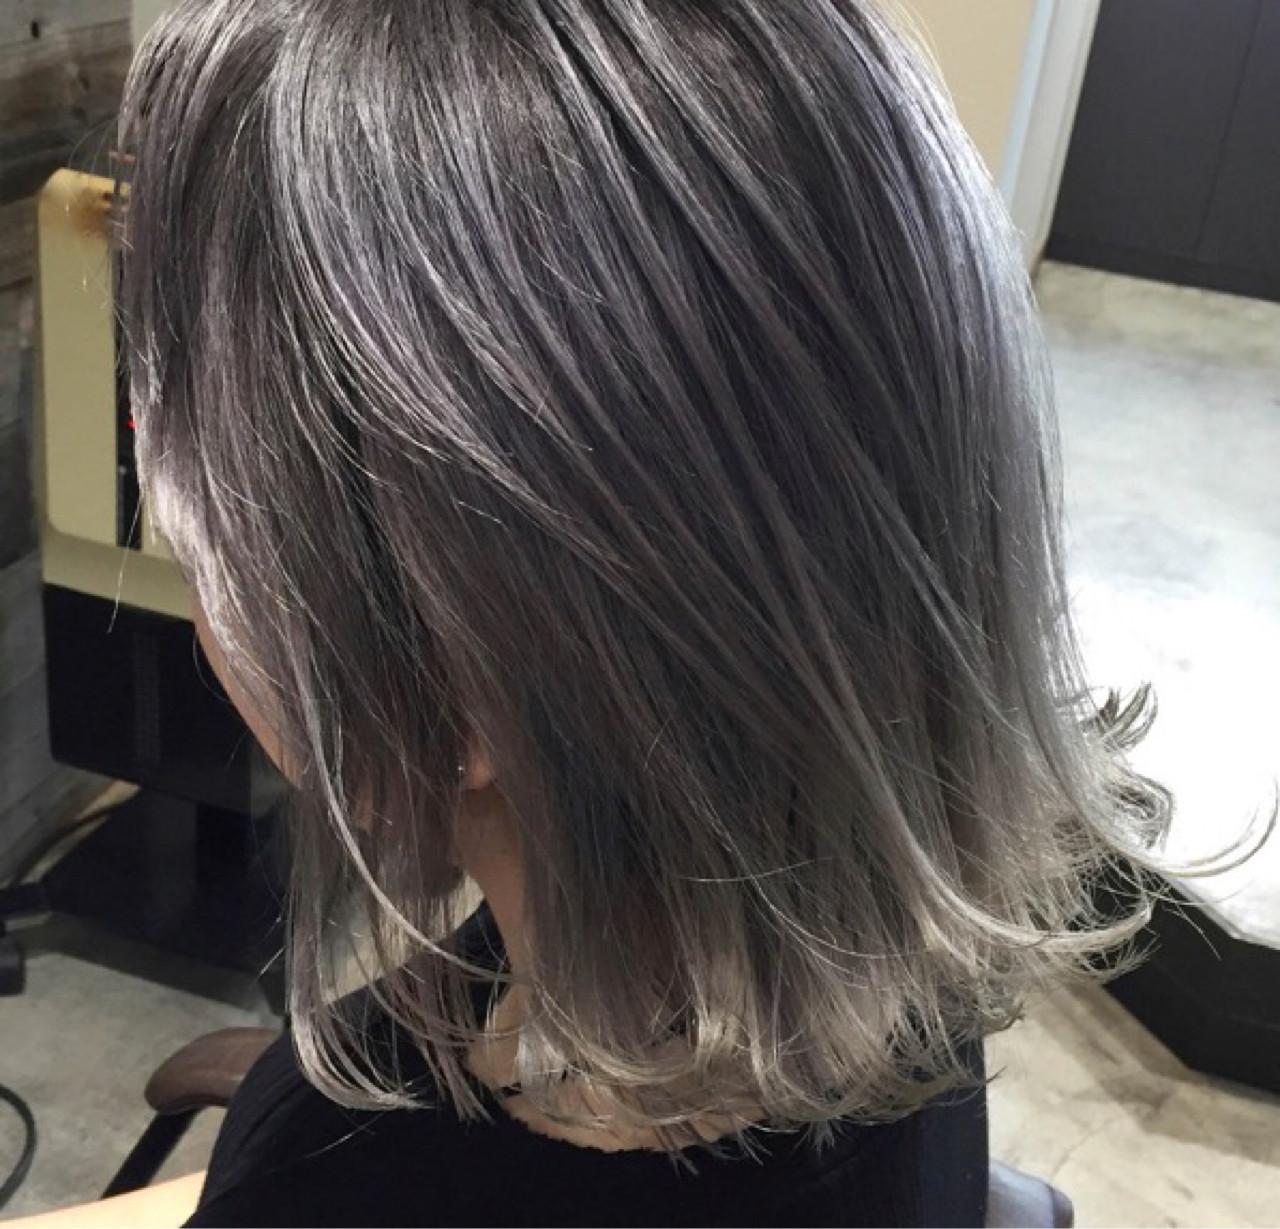 ハイライト ホワイト 外国人風 シルバーアッシュ ヘアスタイルや髪型の写真・画像